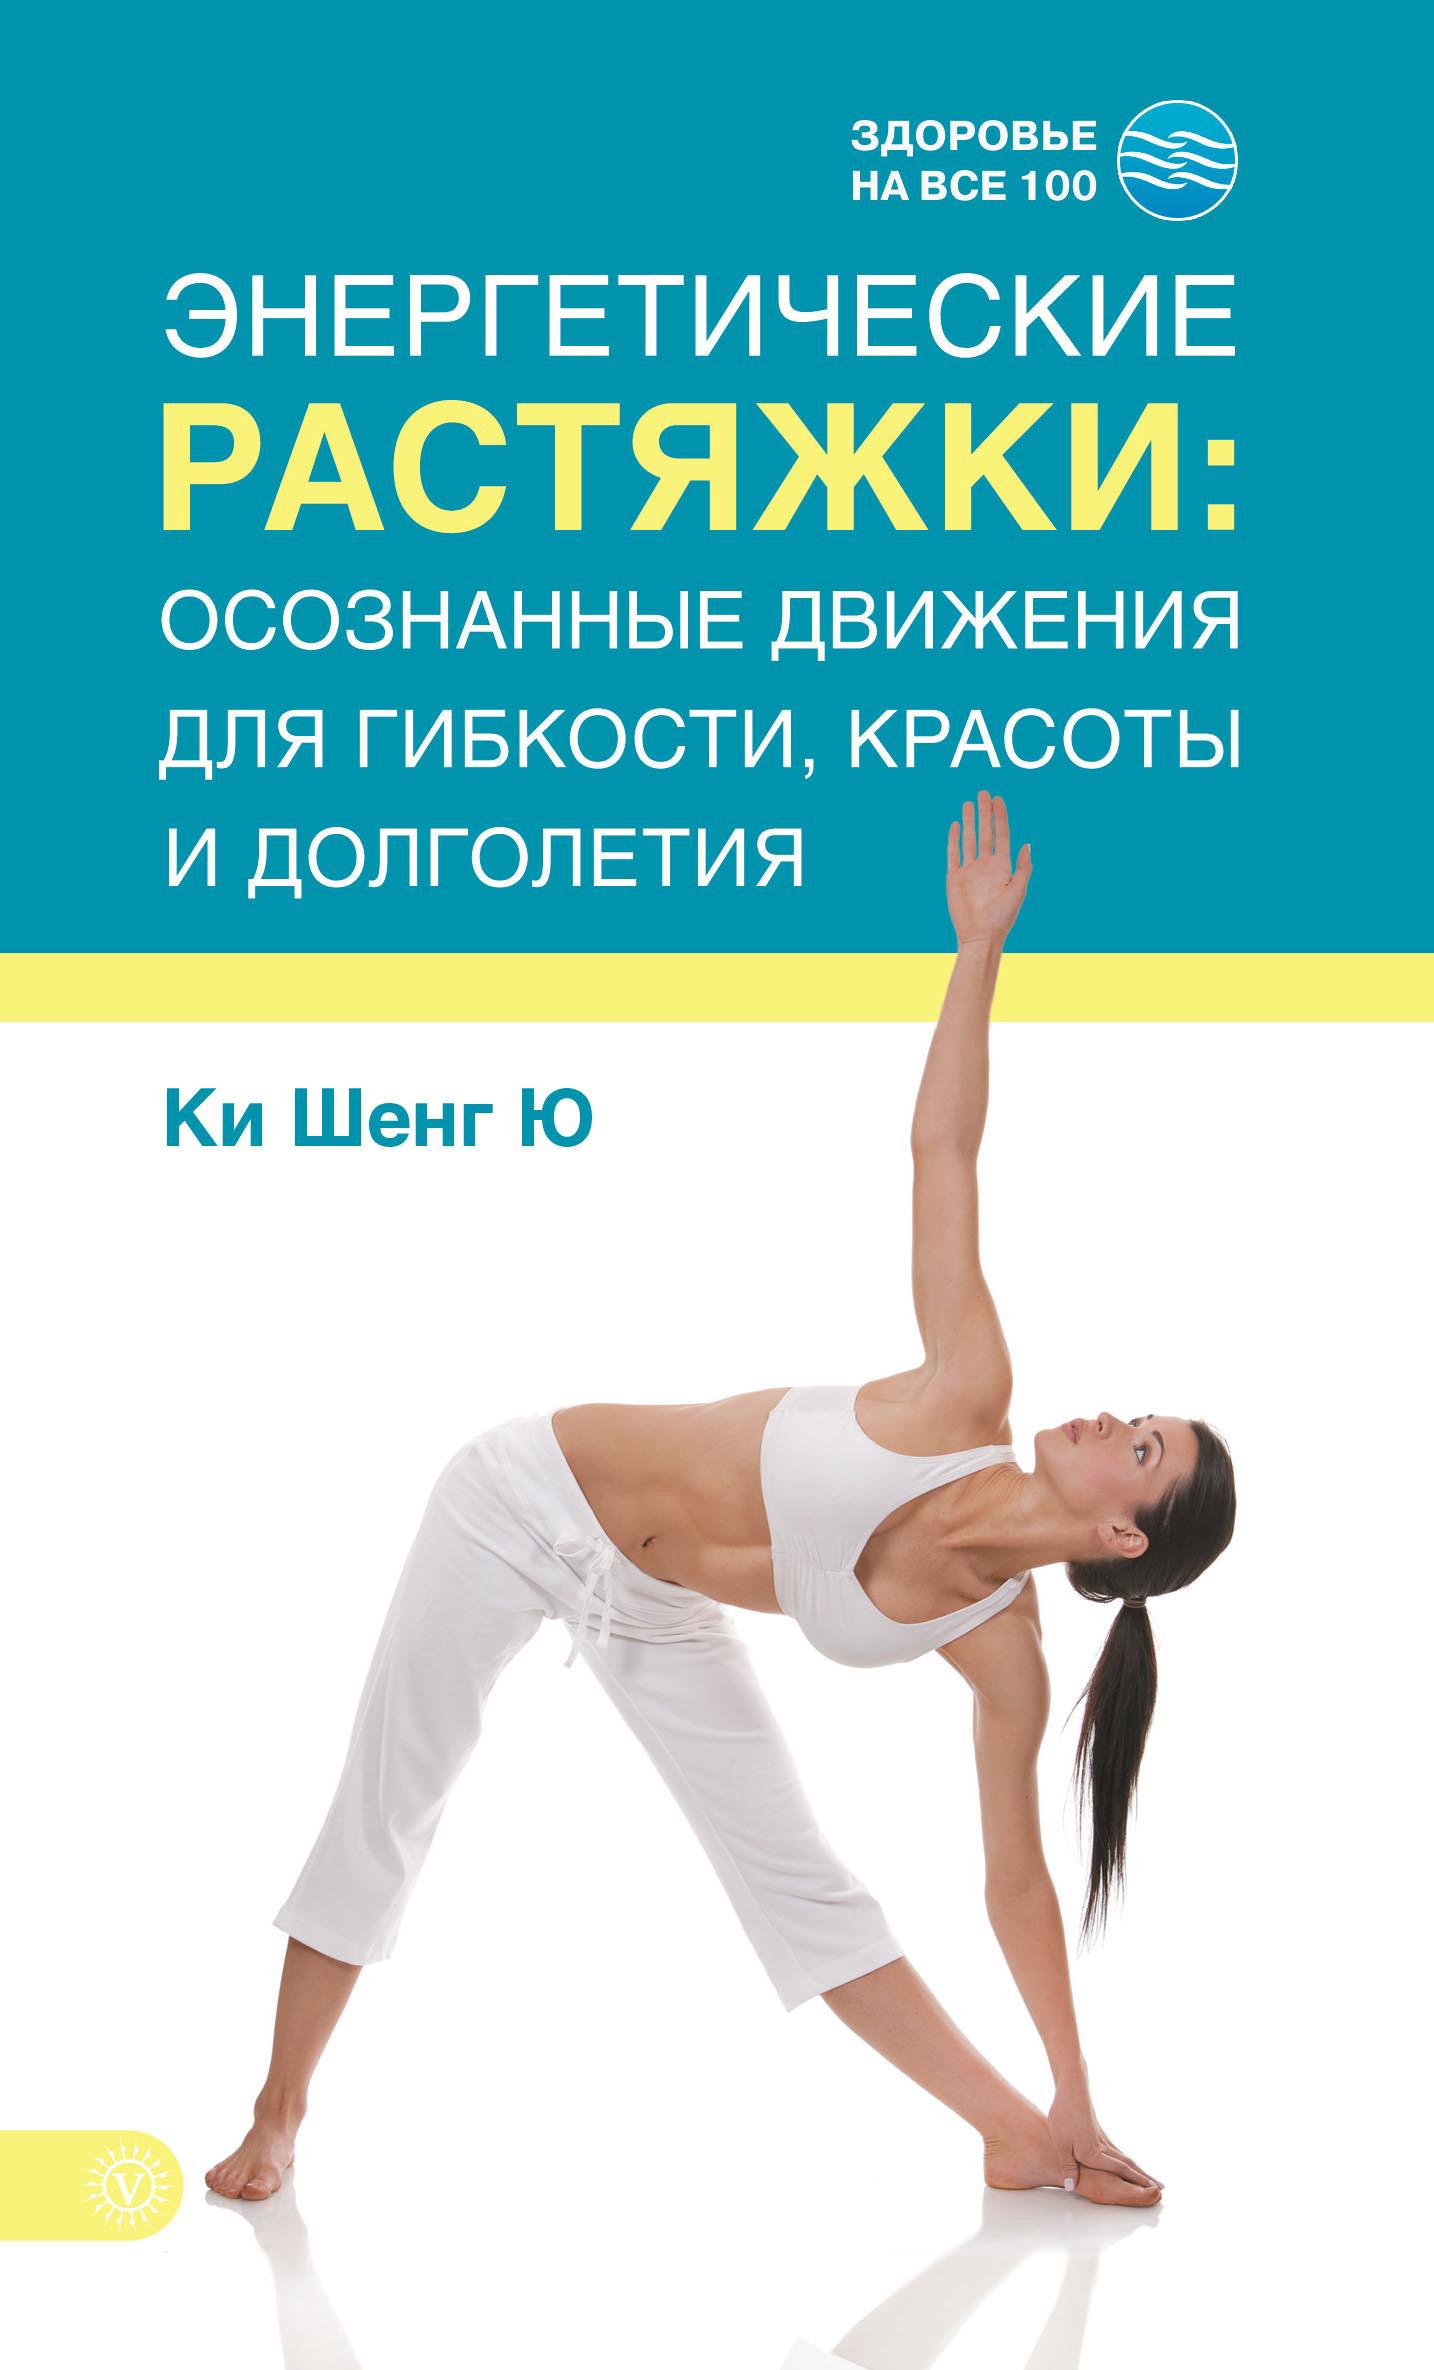 Ки Шенг Ю «Энергетические растяжки: осознанные движения для гибкости, красоты и долголетия»